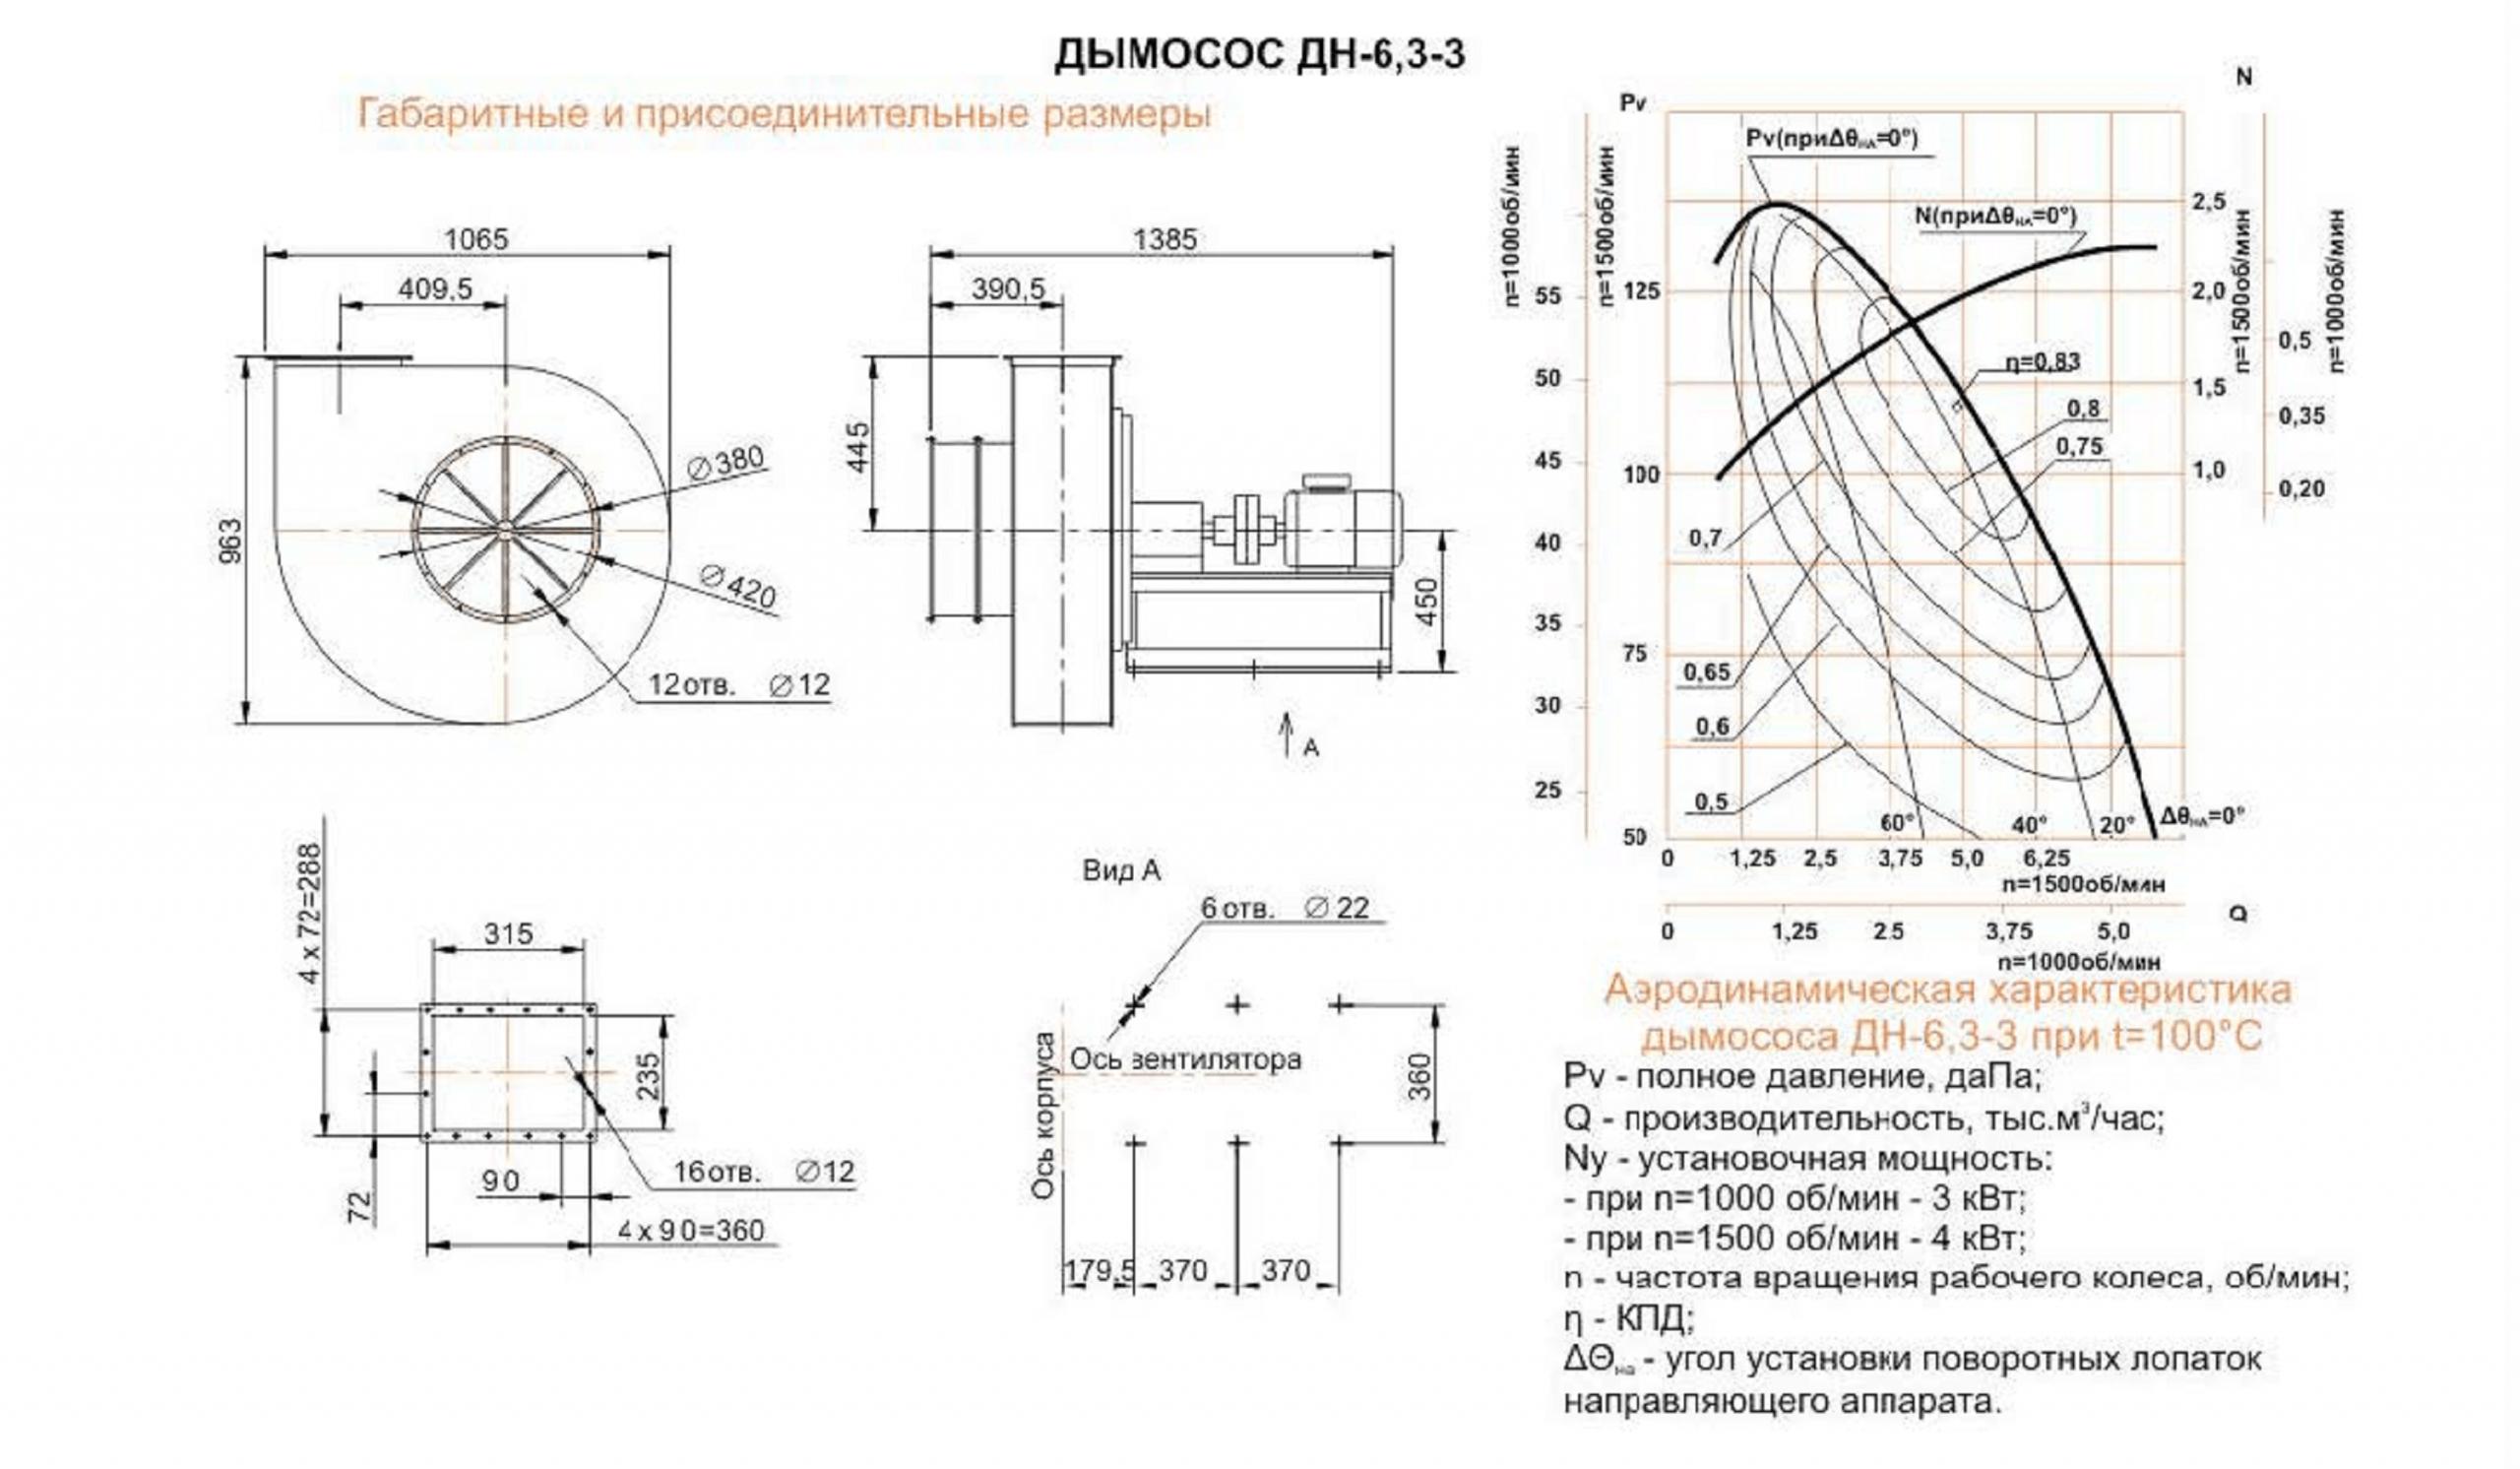 Габаритные и присоединительные размеры ВДН ДН №6,3 исп-3